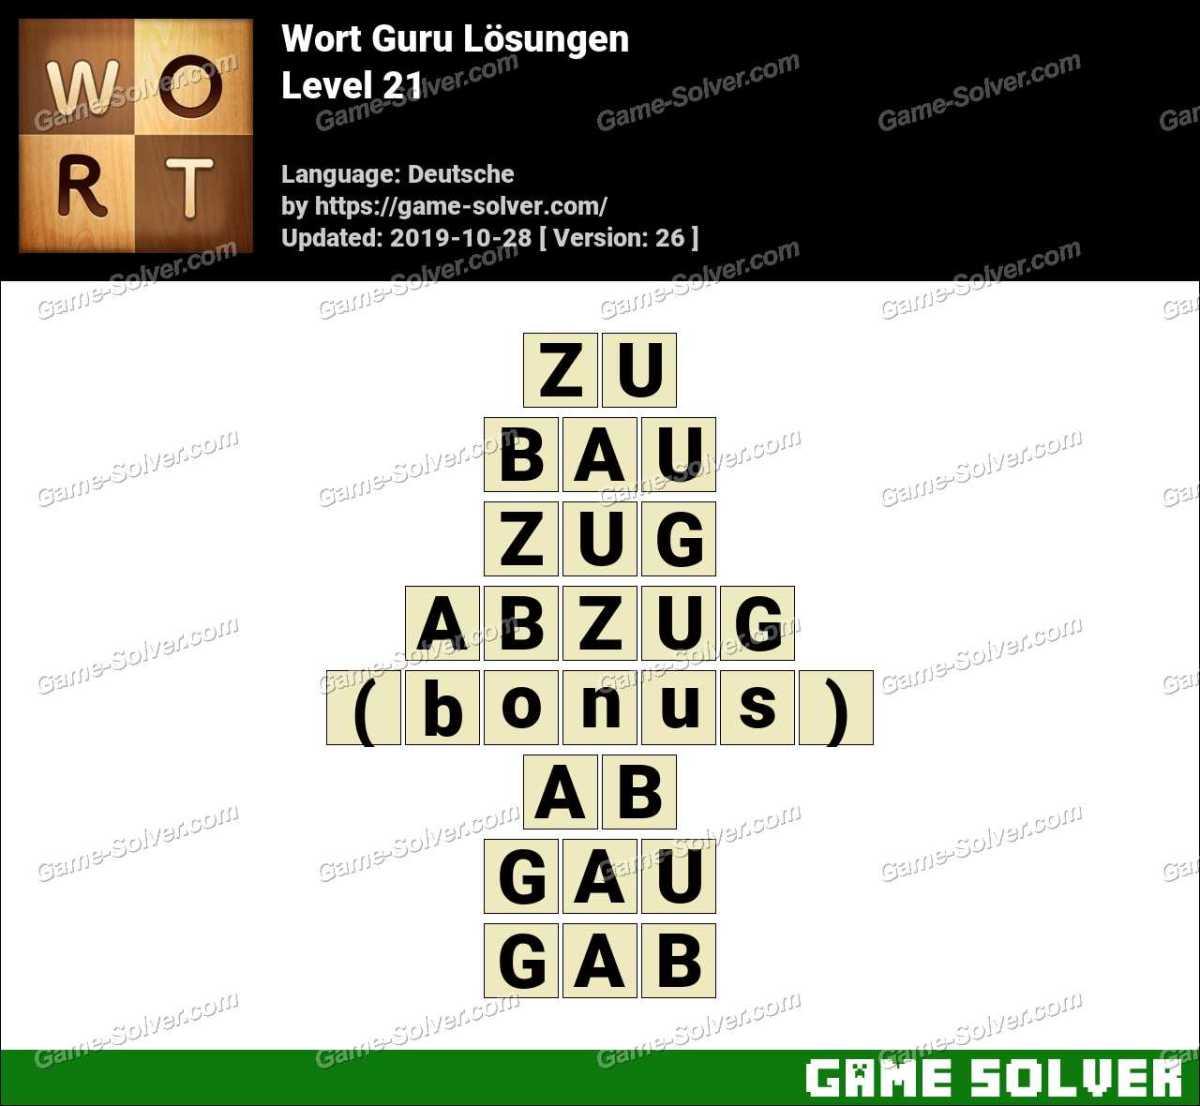 Wort Guru Level 21 Lösungen